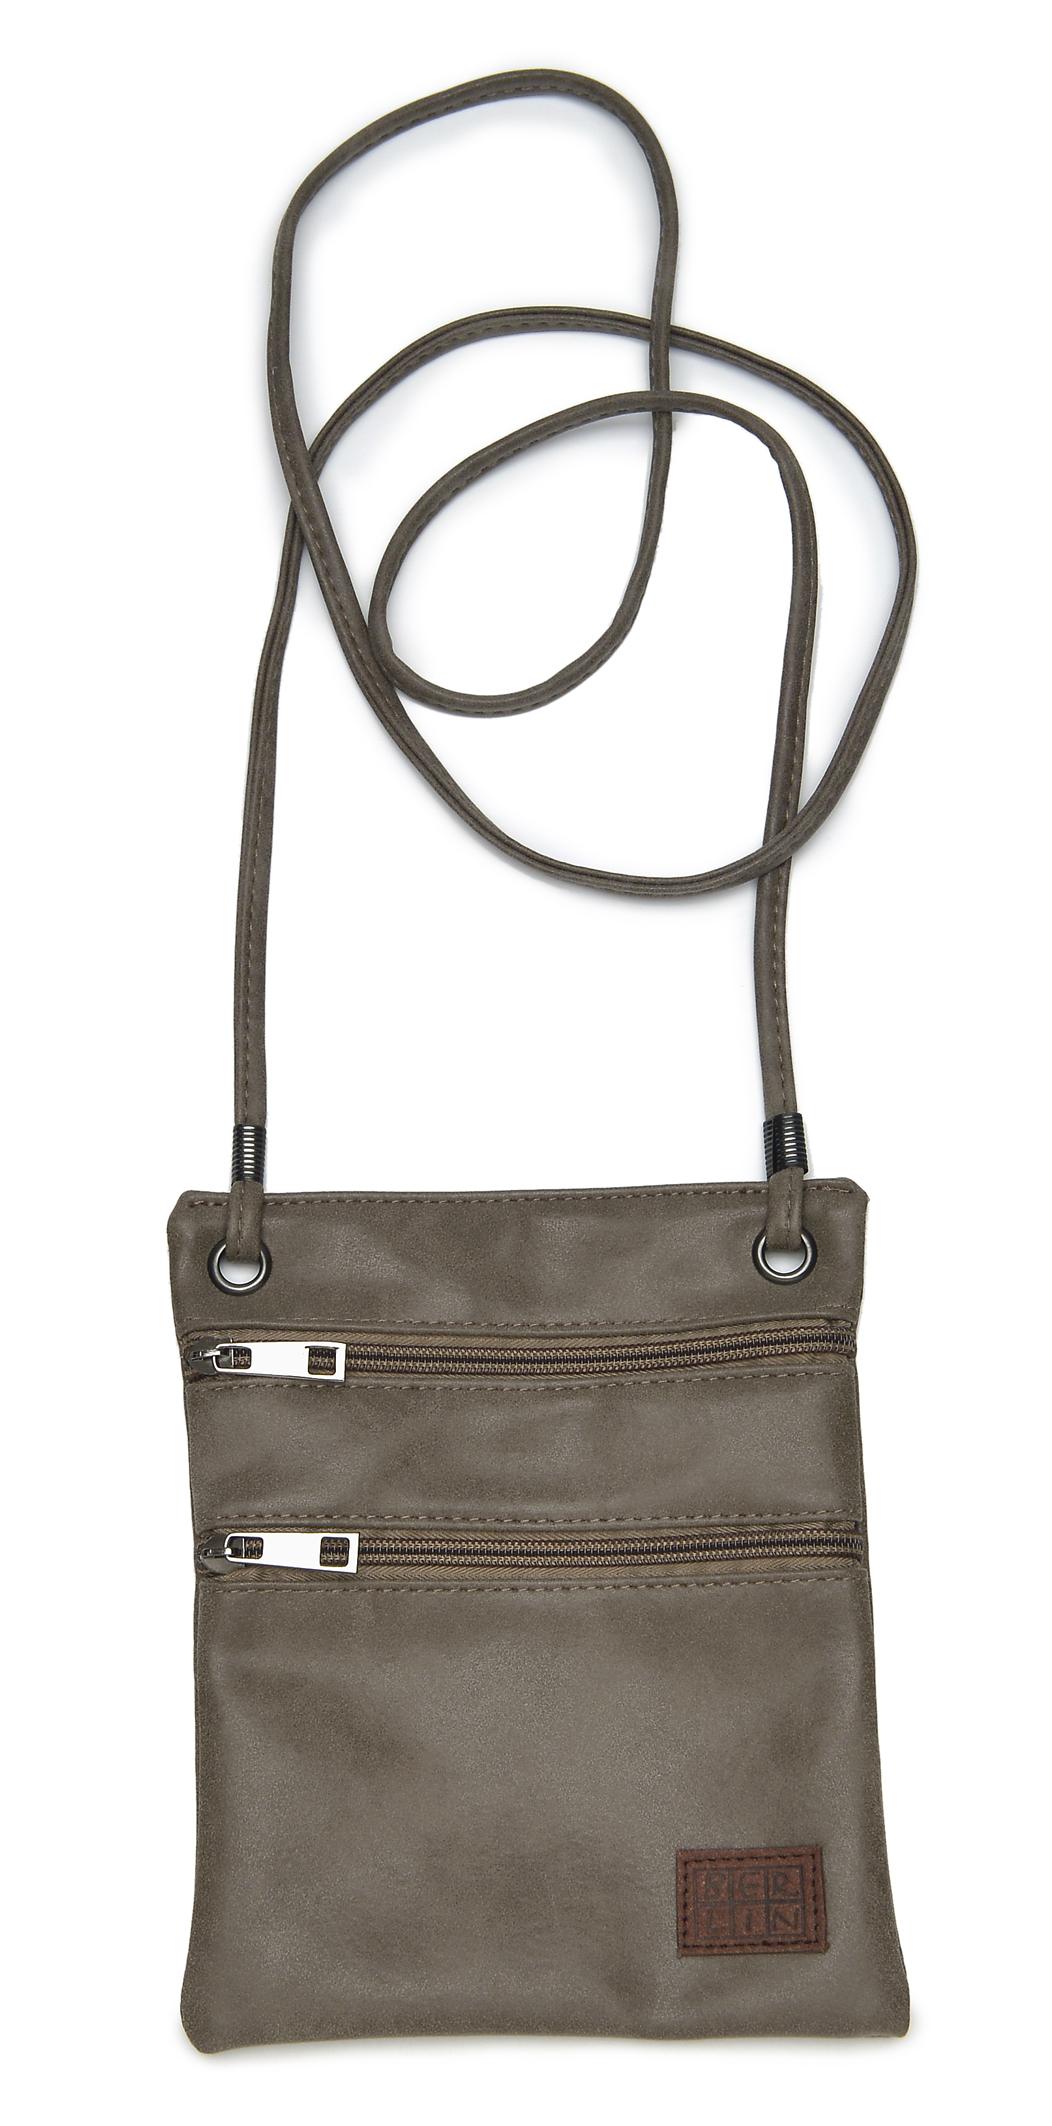 030-2504_sling-bag_taupe